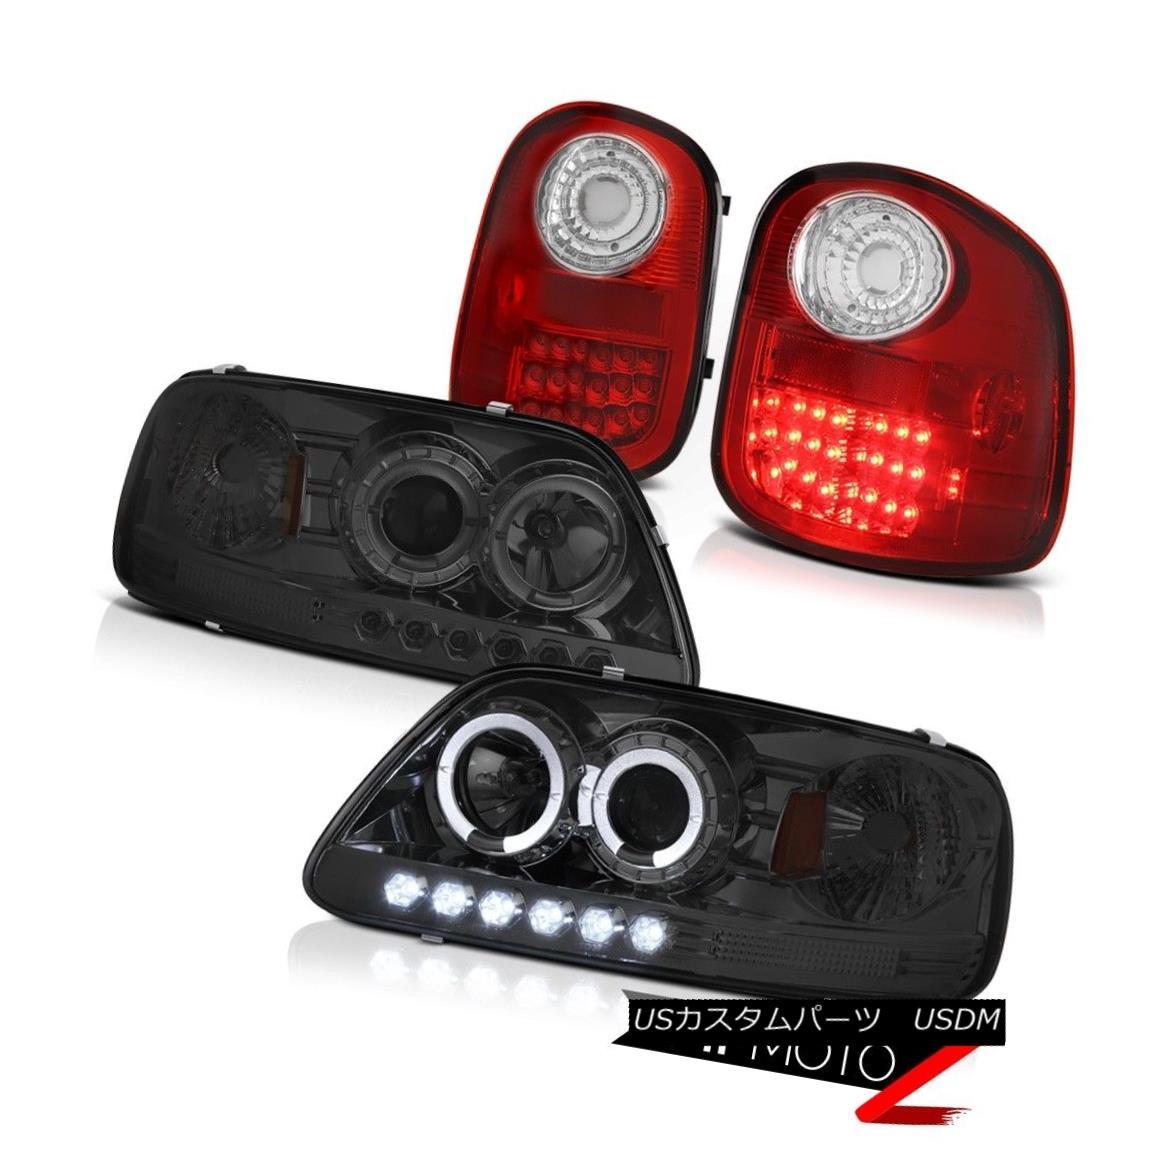 ヘッドライト Dark Halo Projector Headlights LED Taillamps 1997-2003 Ford F150 Flareside 4.6L ダークハロープロジェクターヘッドライトLEDタイルランプ1997-2003 Ford F150 Flareside 4.6L